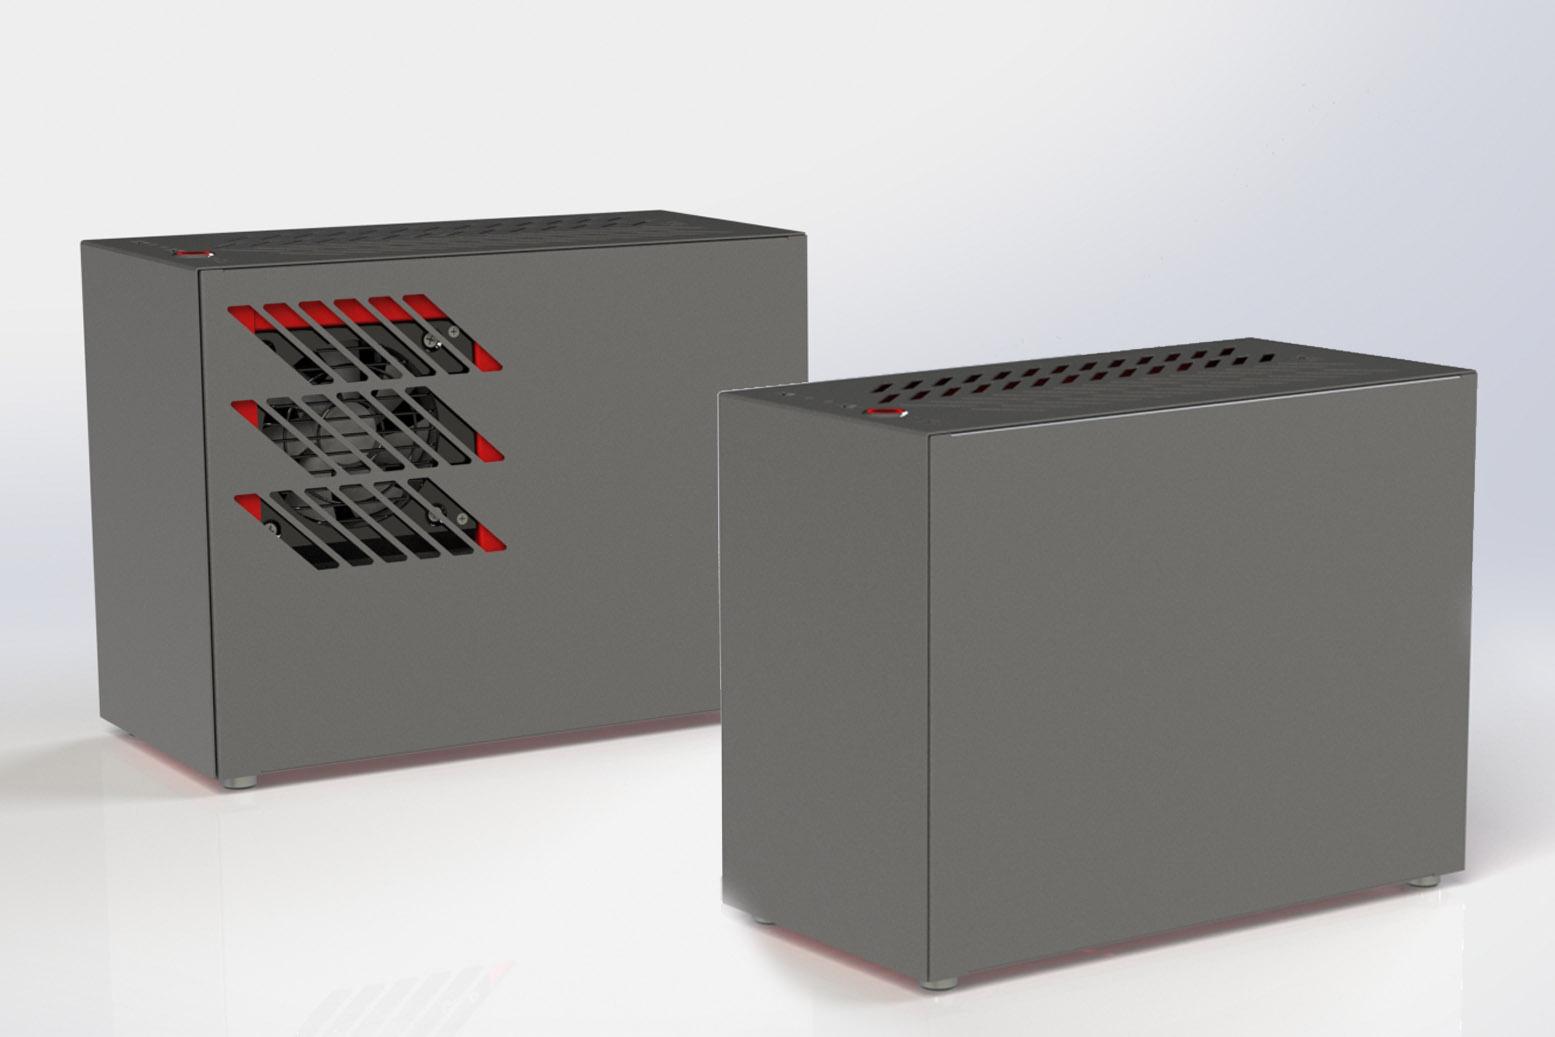 SX3 lm 11L concept 02